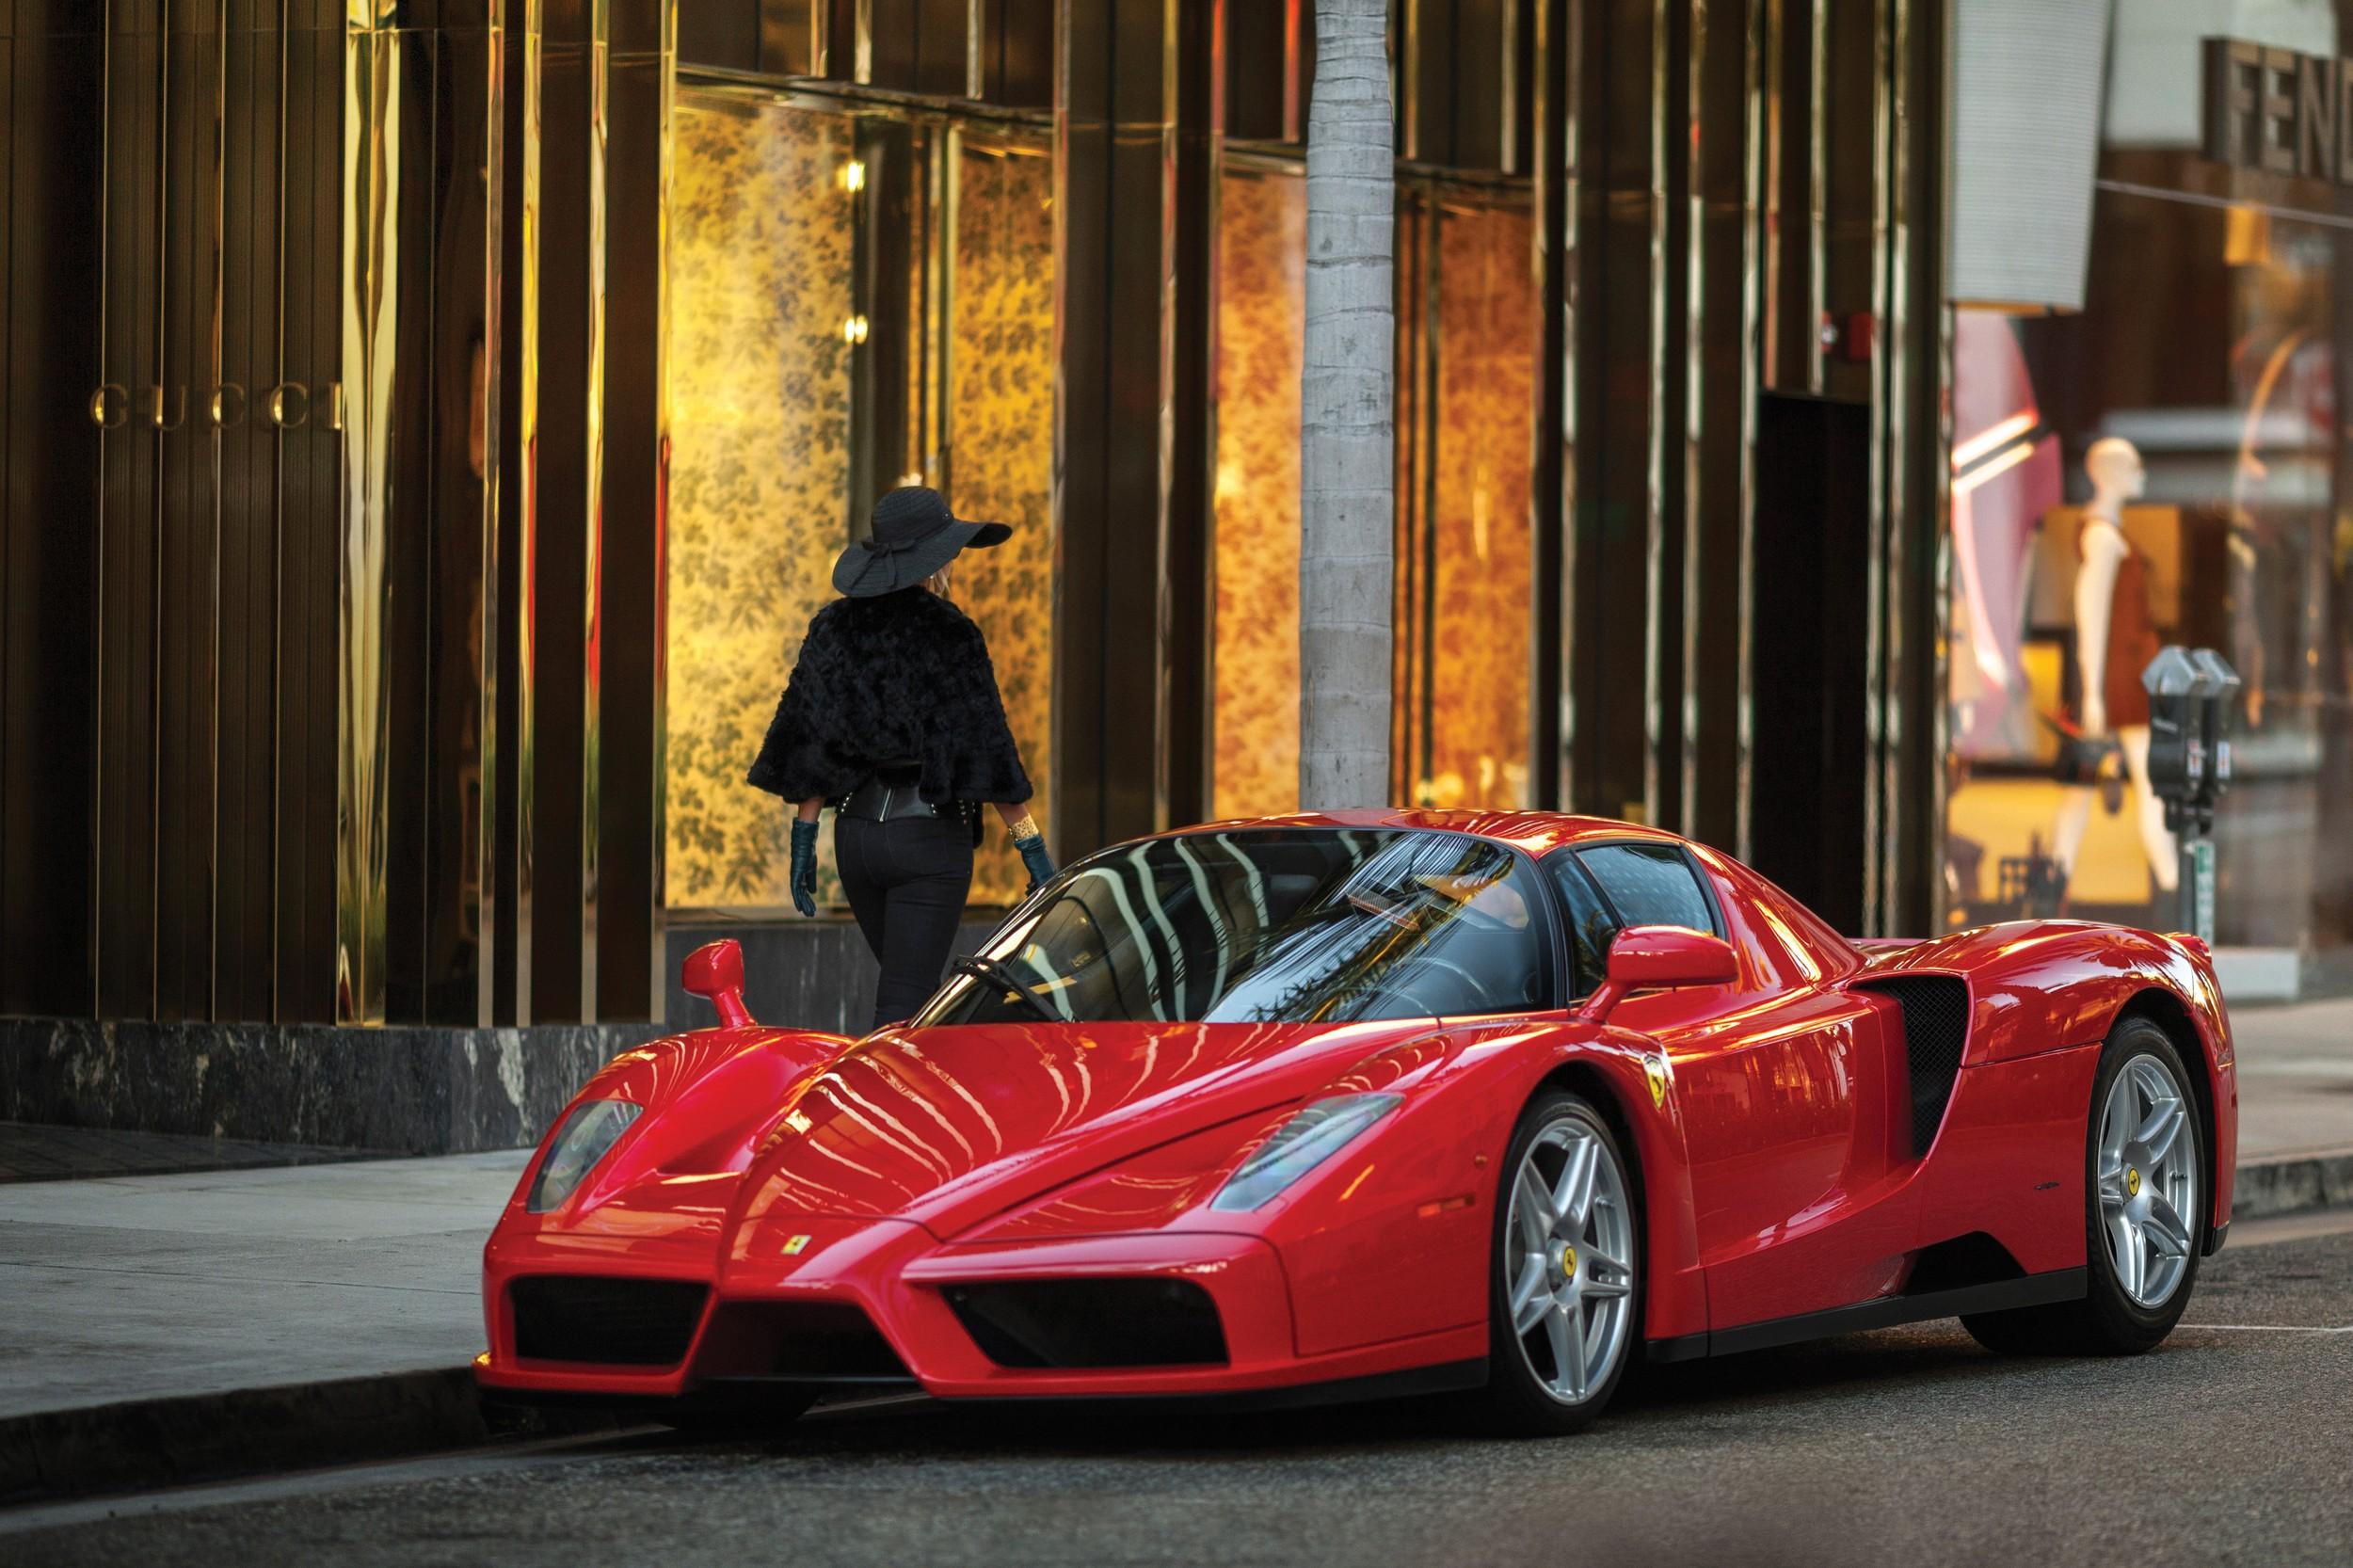 La Ferrari Enzo a un moteur V12 de 6,0 litres de 660 ch